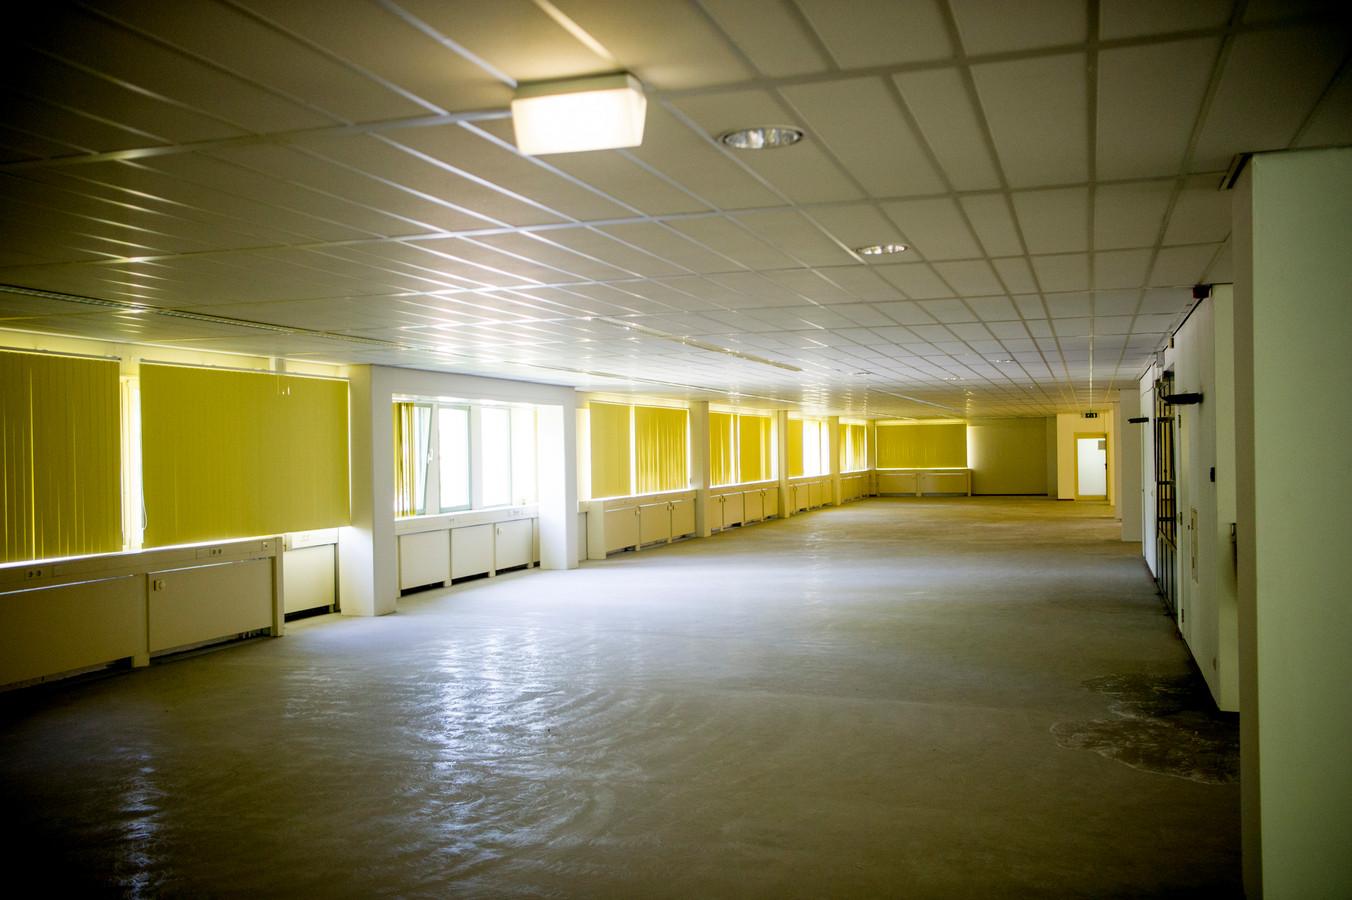 Een leegstaand kantoorgebouw. Foto ter illustratie.